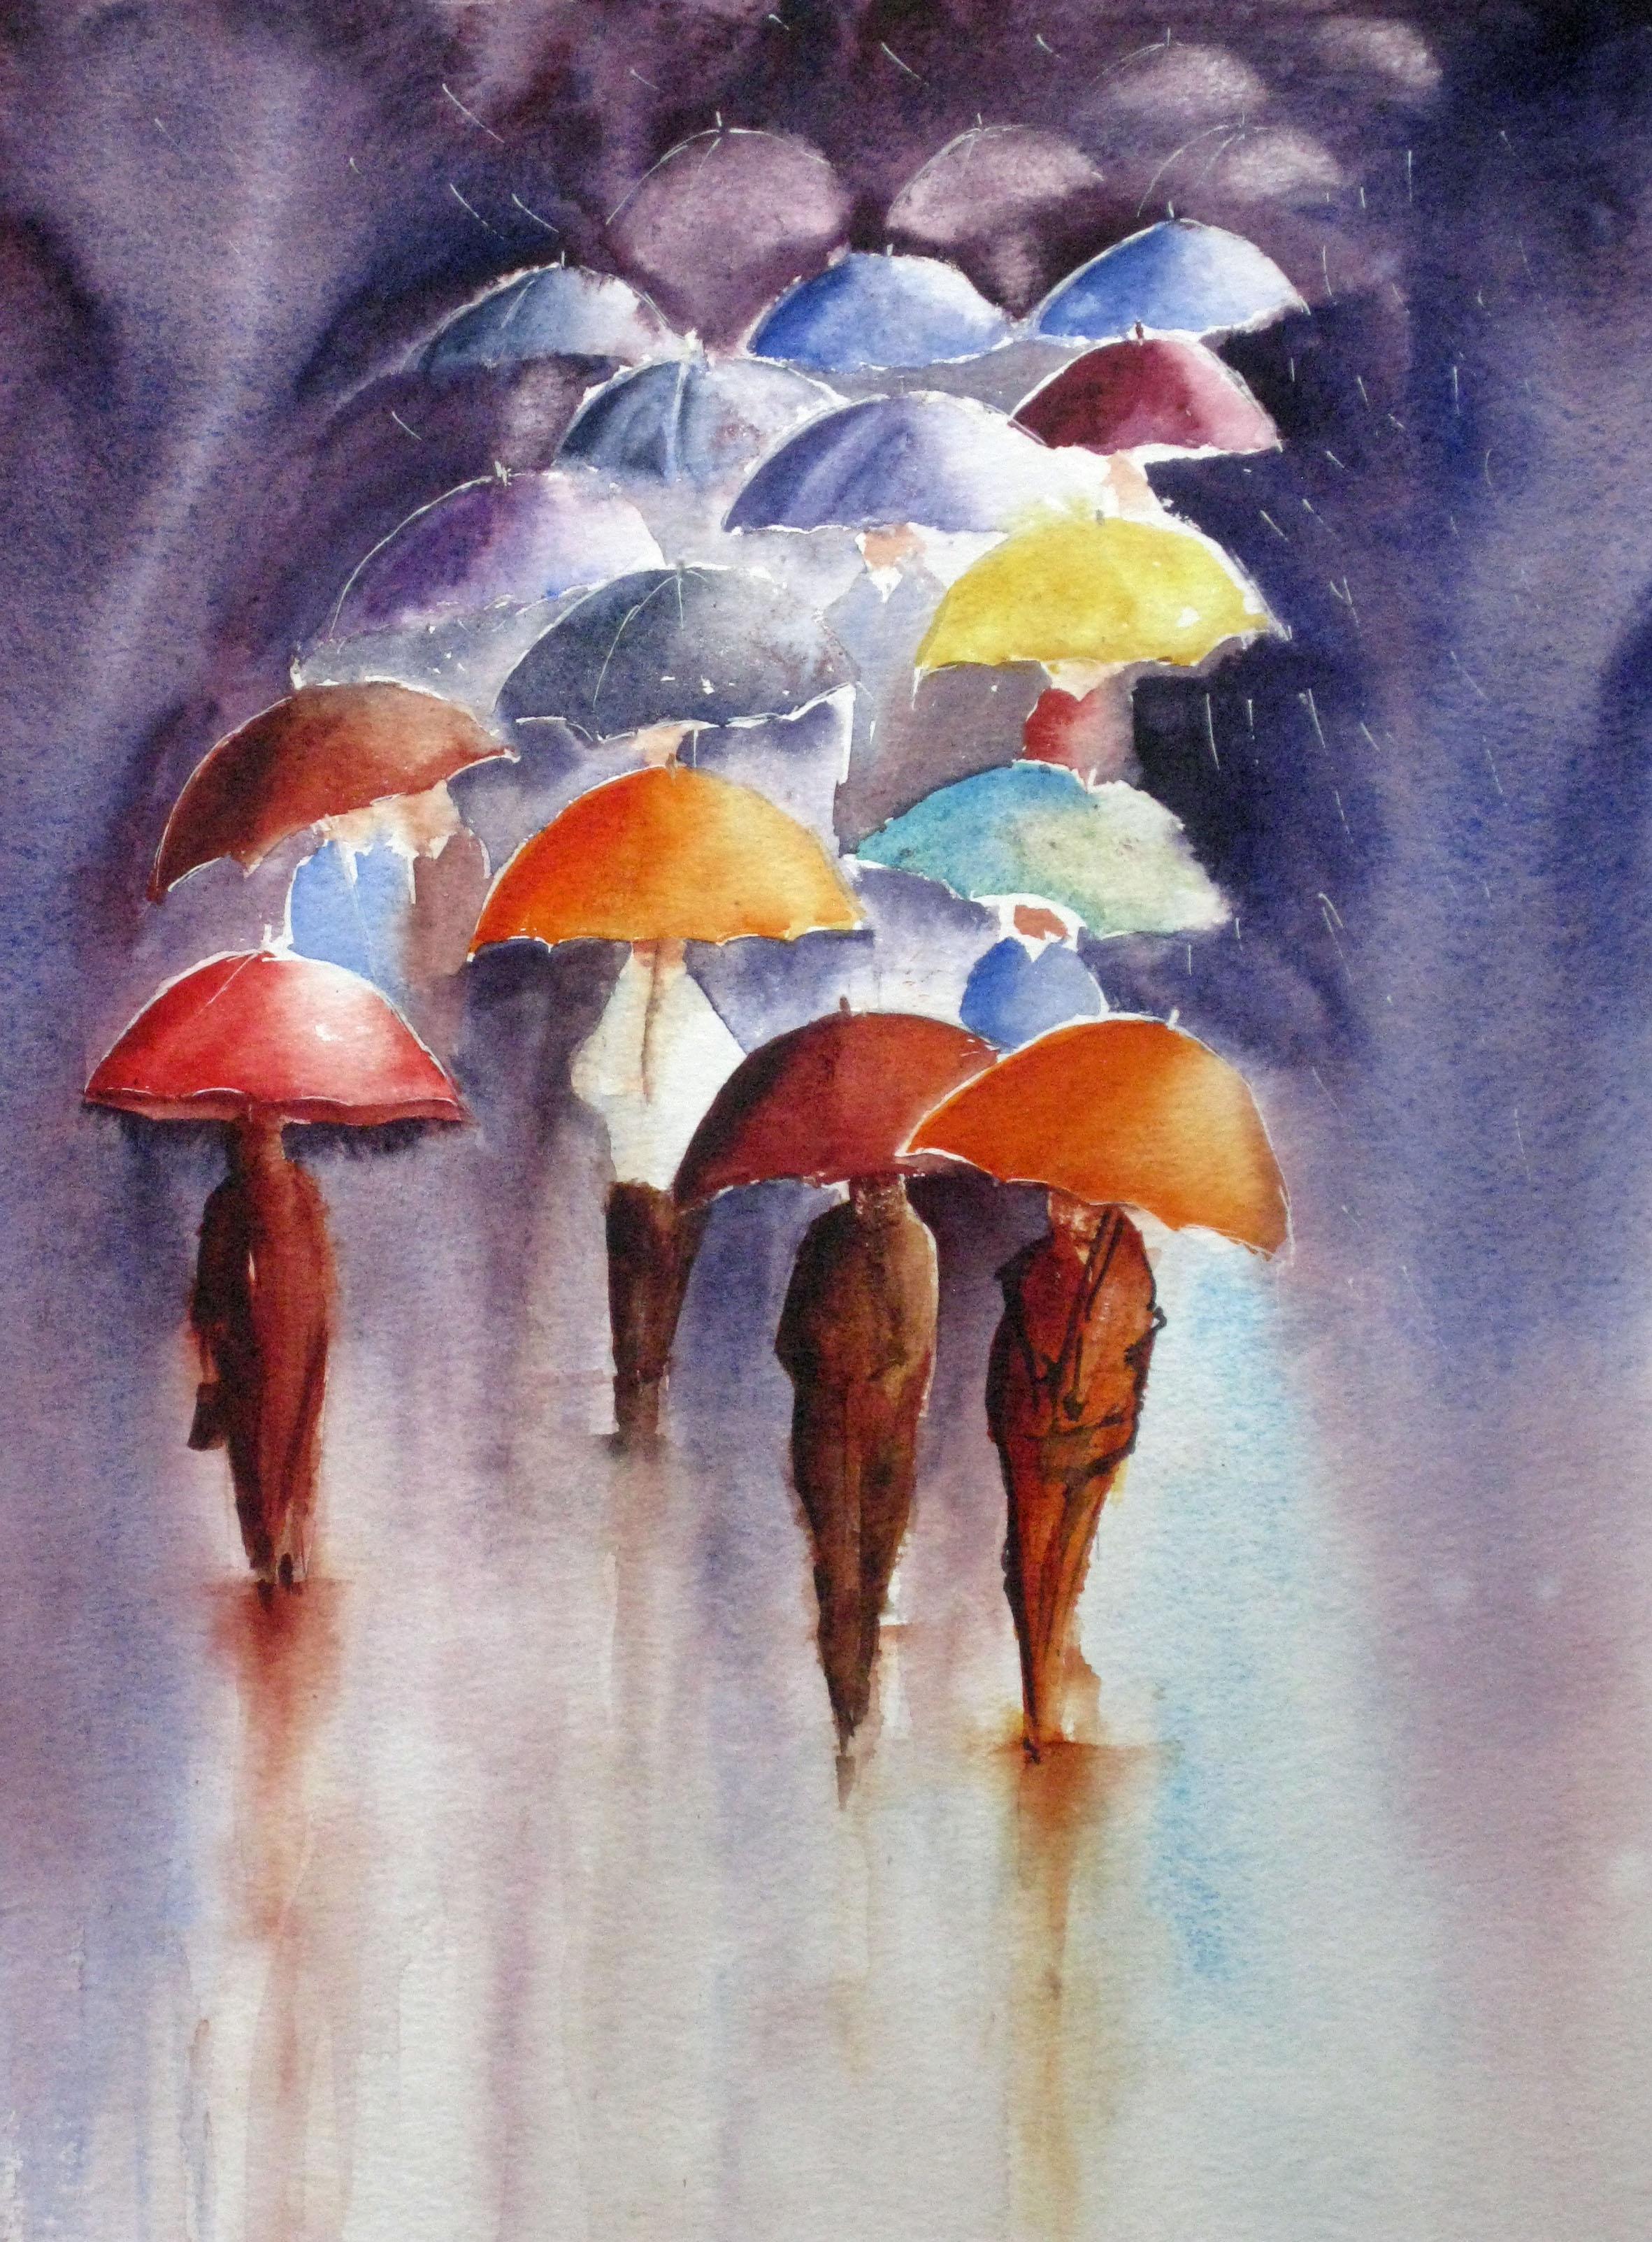 Evelyne_Bovis_Les_parapluies_1